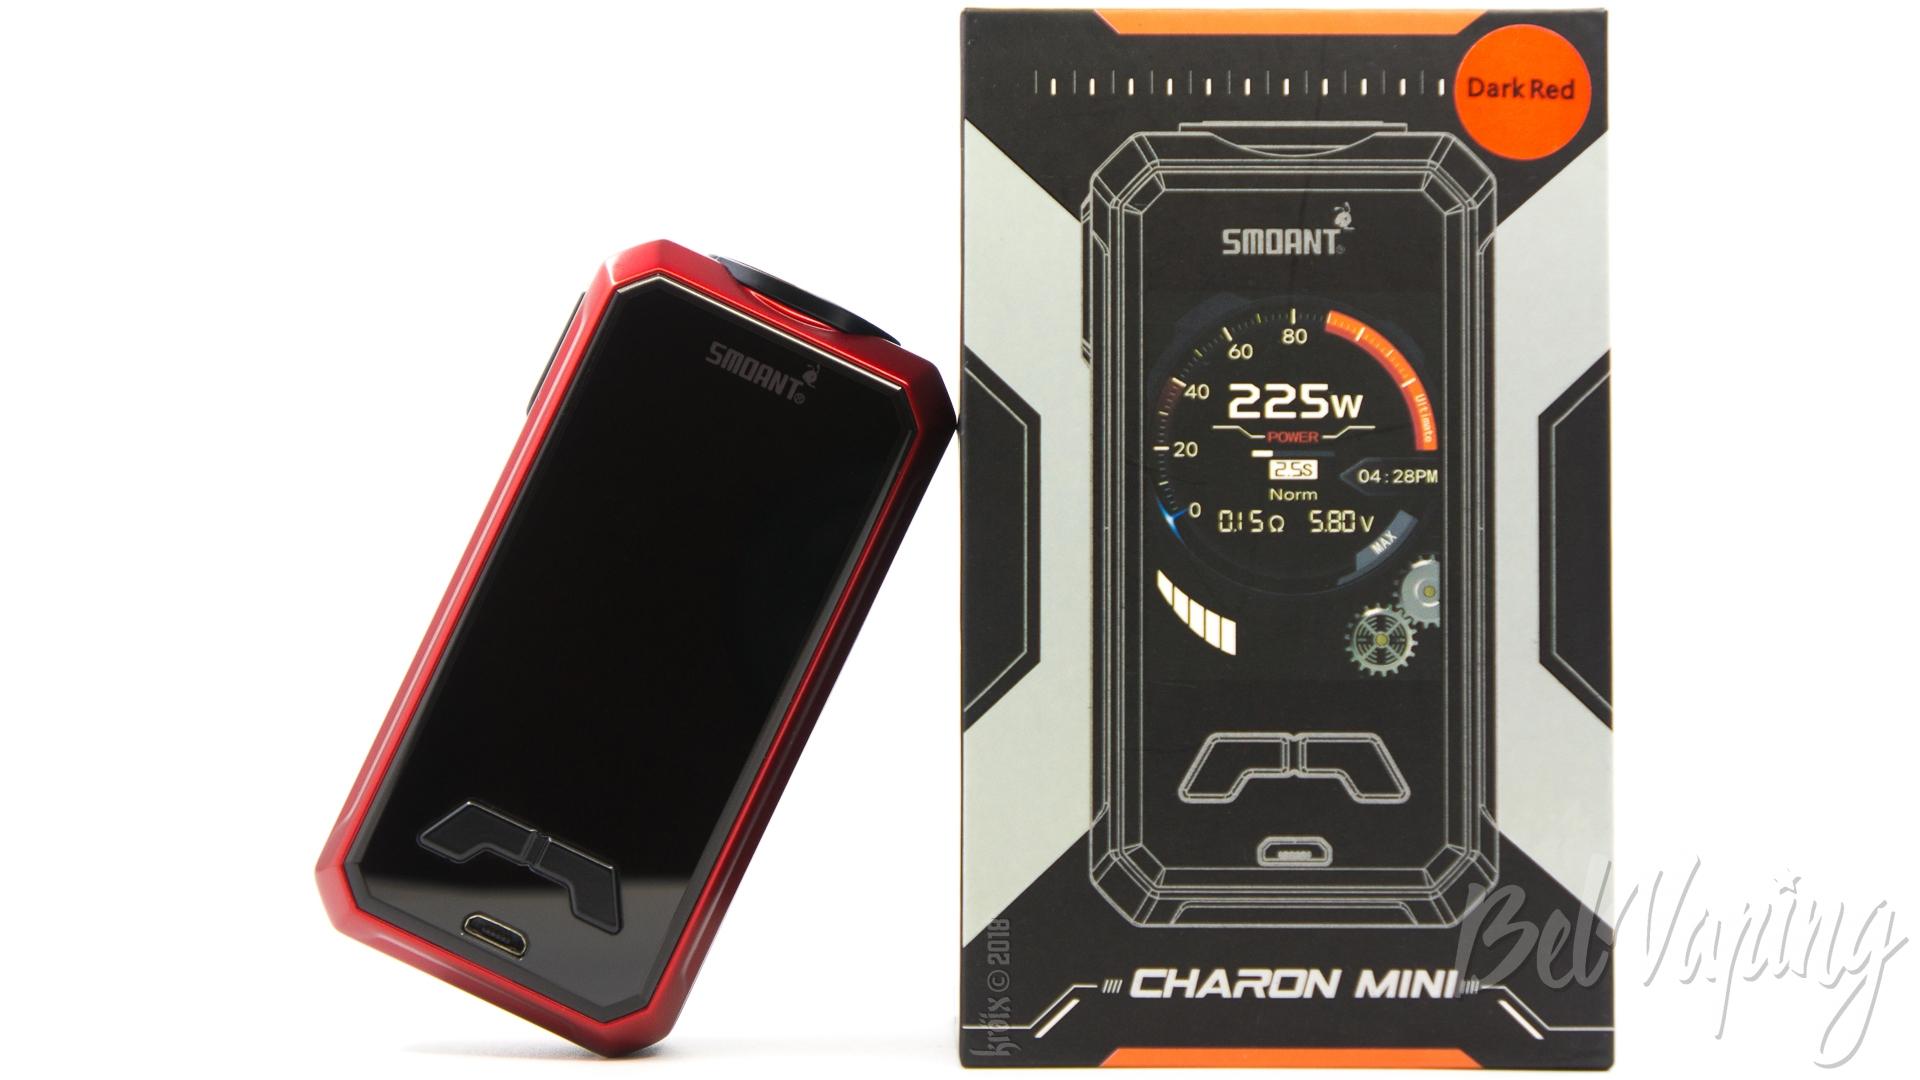 Обзор боксмода Smoant Charon Mini 225W